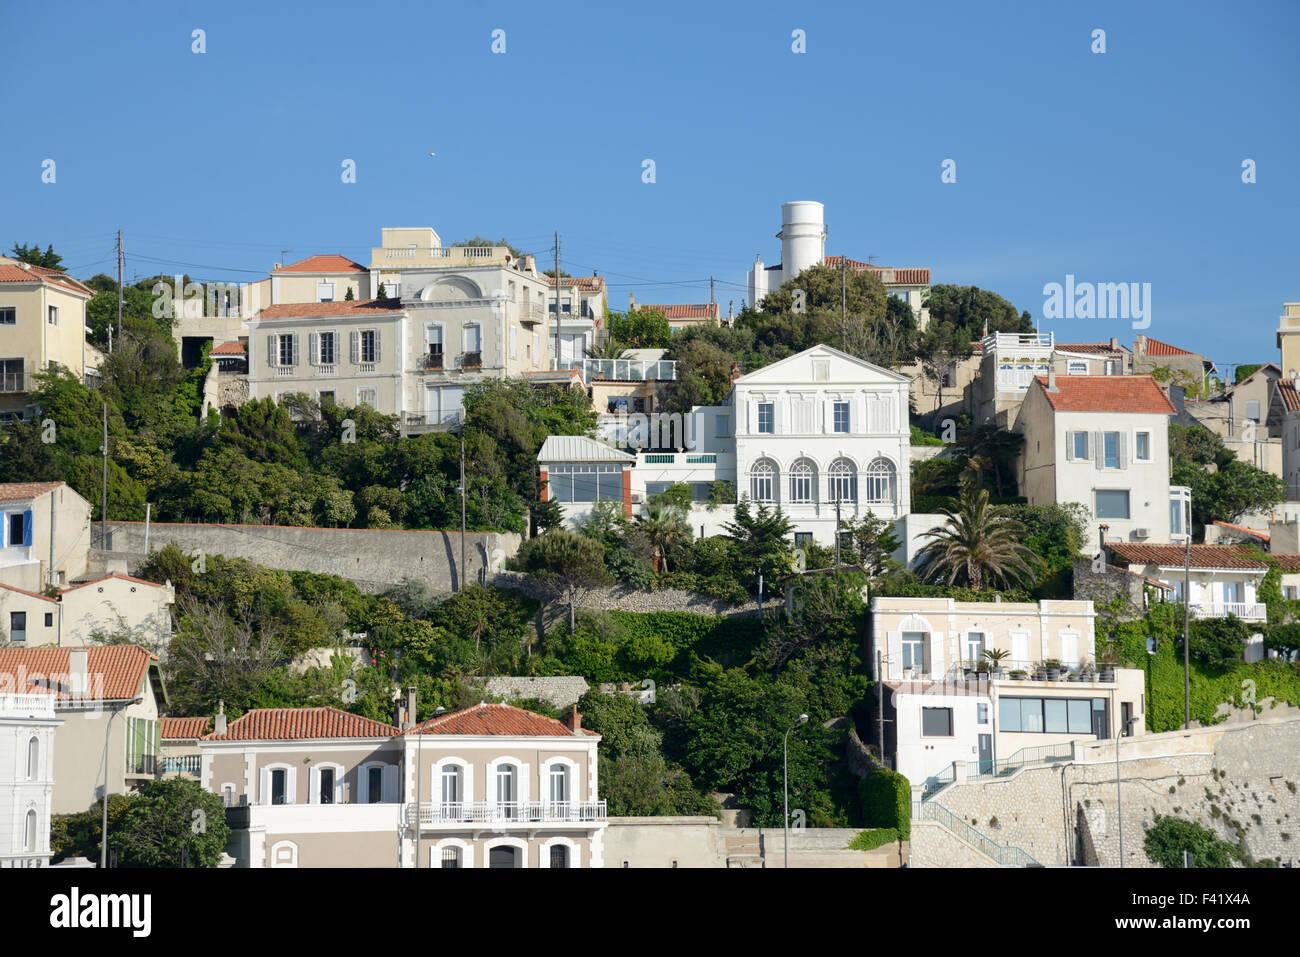 Il Up-Market Roucas Blanc Zona residenziale o il quartiere sulla Corniche Kennedy Waterfront o lungomare Marseille Immagini Stock